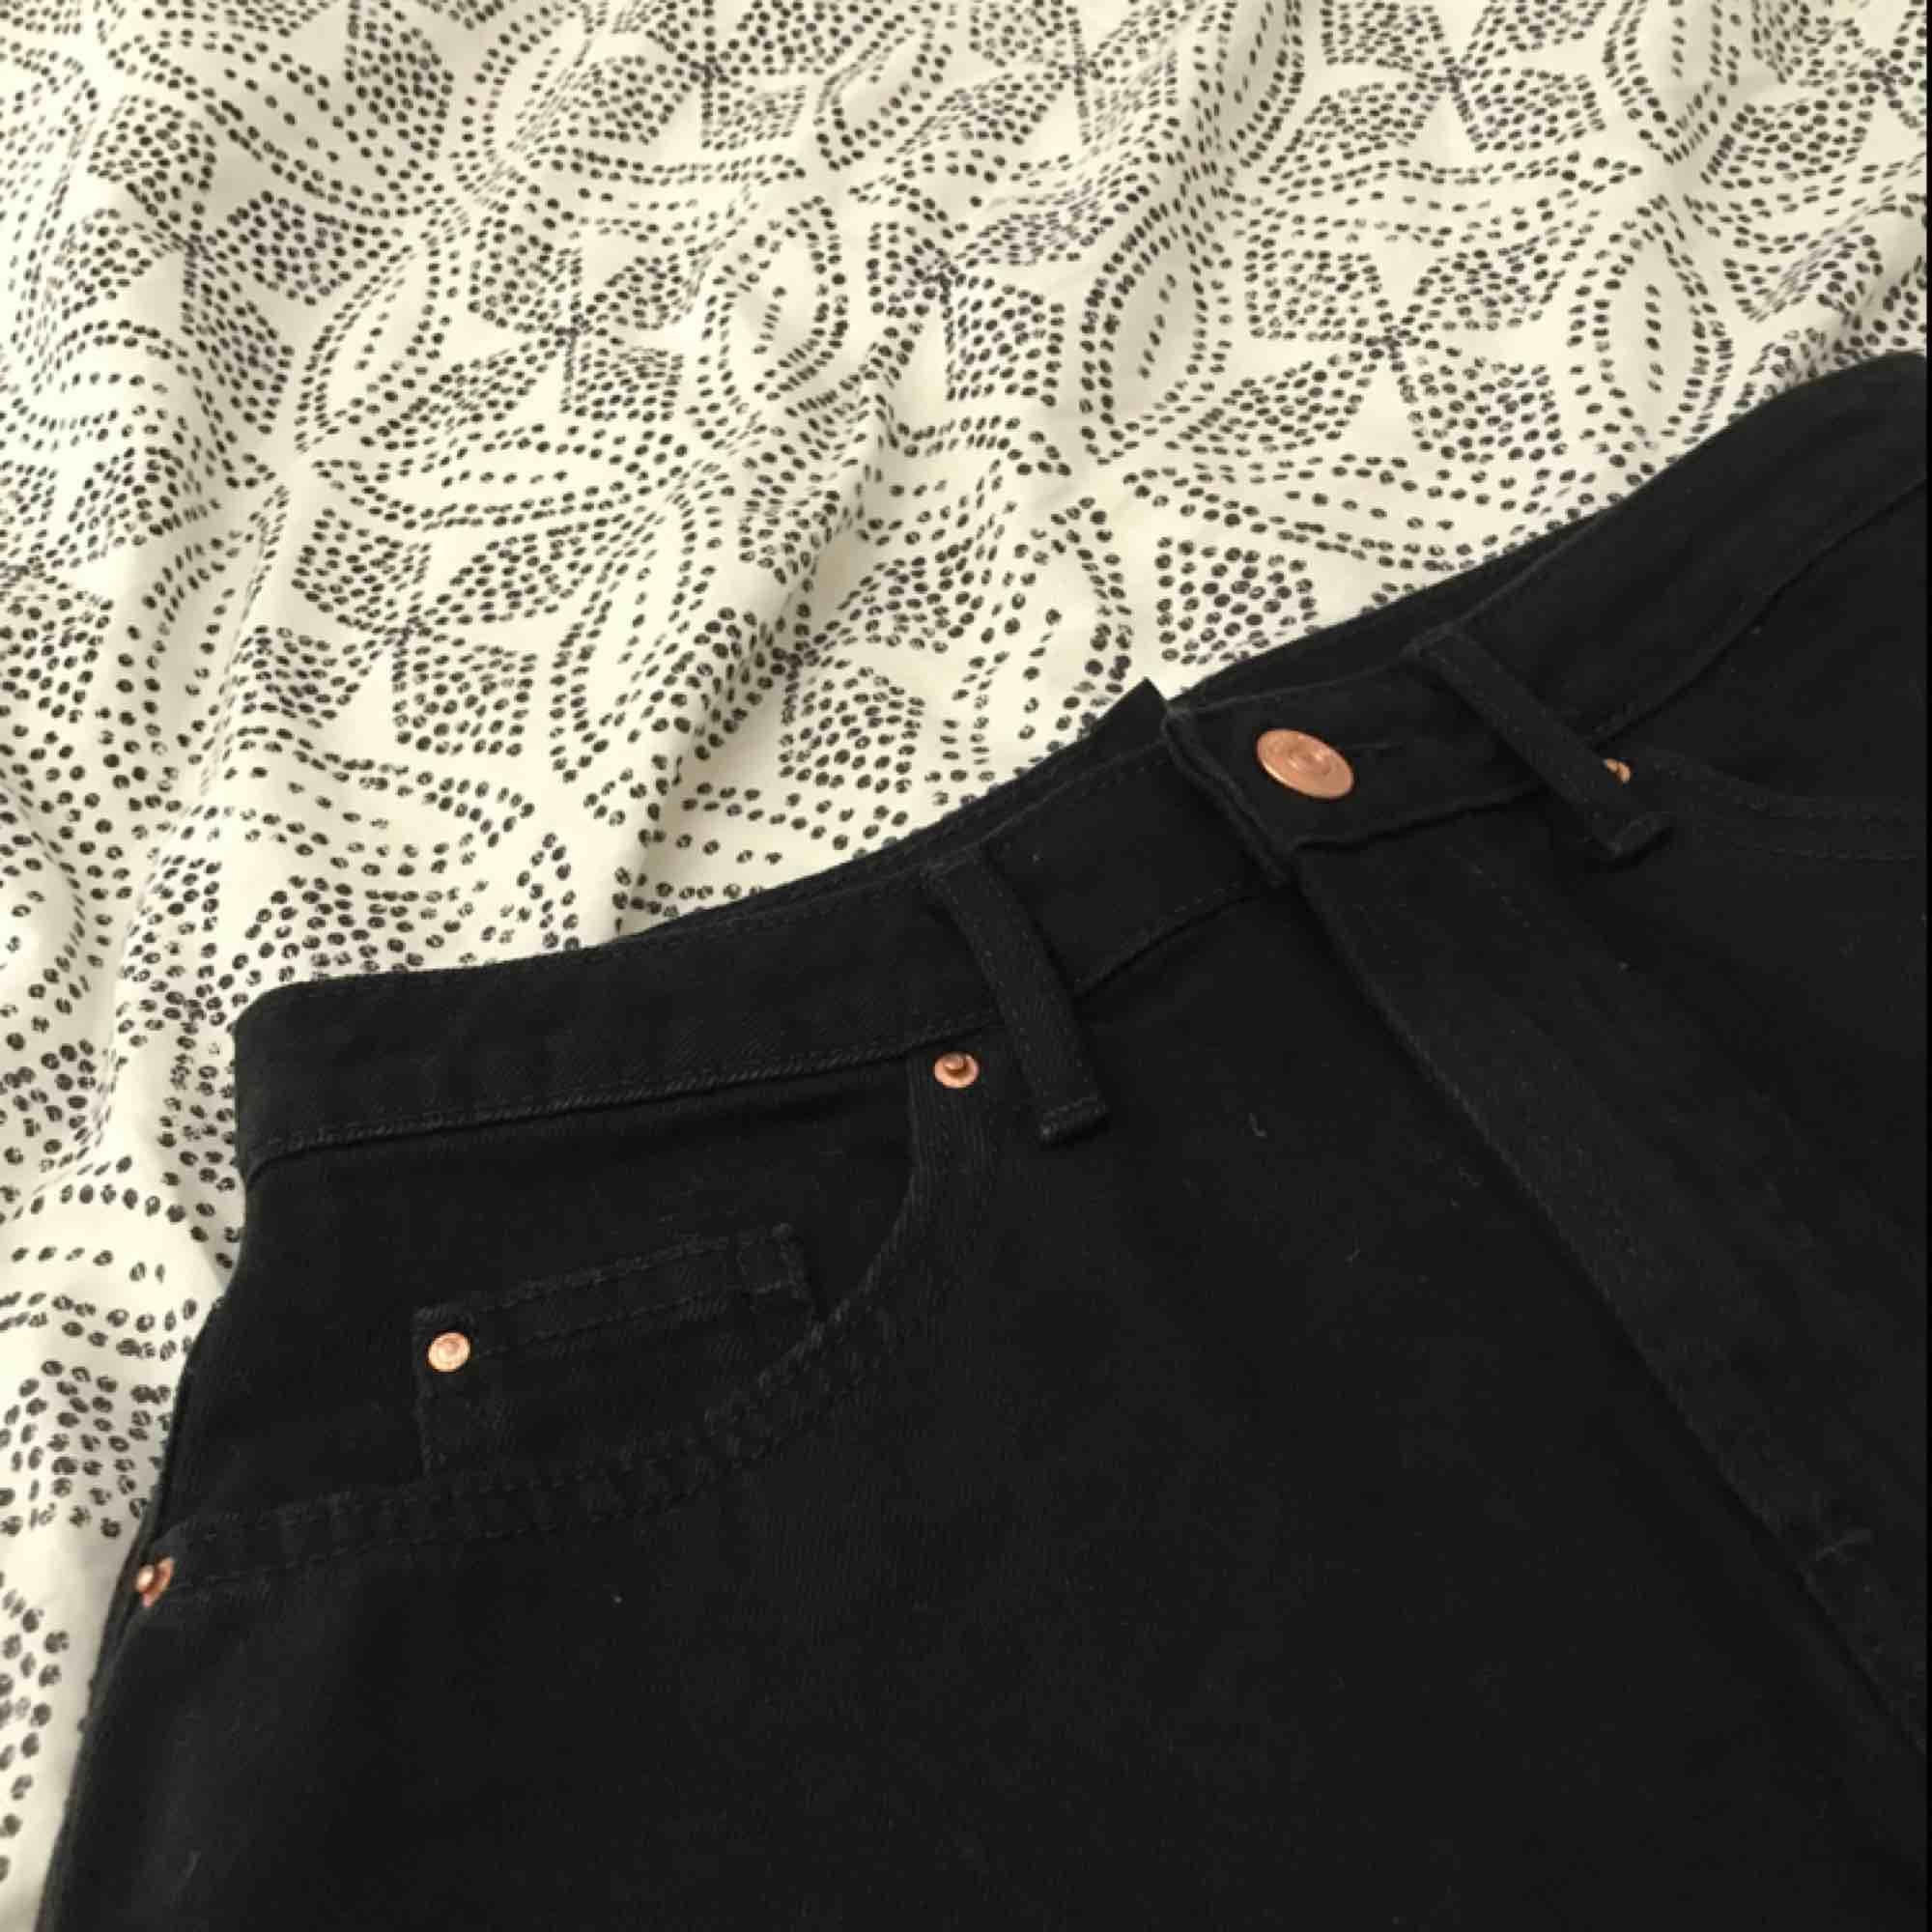 En svart jeanskjol från hm.Använd 2-3 gånger.Bra skick.Köparen står för frakt🥰. Kjolar.